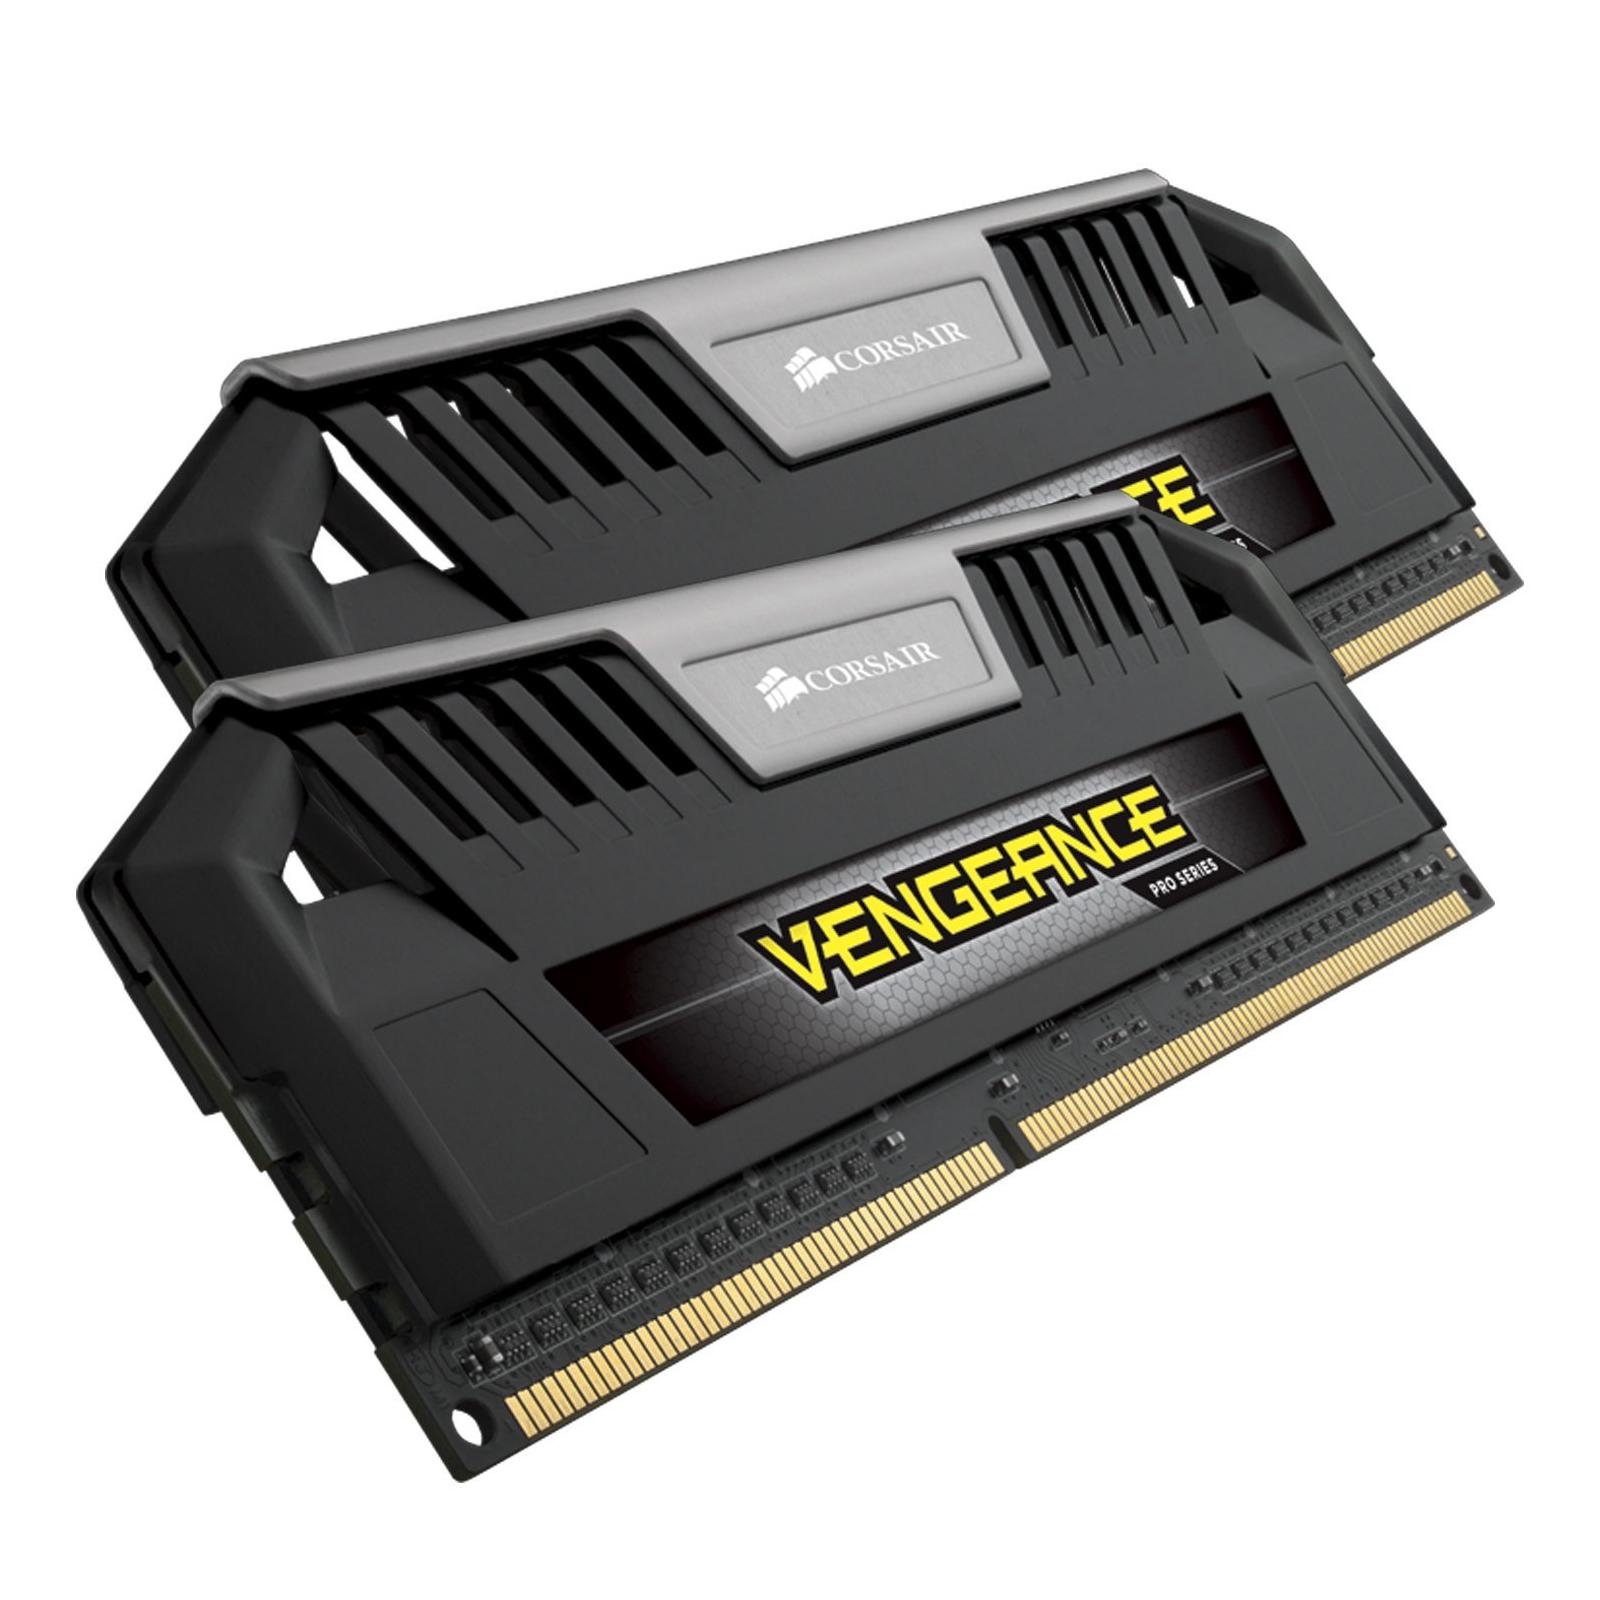 Модуль памяти для компьютера DDR3 8GB (2x4GB) 1866 MHz CORSAIR (CMY8GX3M2A1866C9) изображение 4